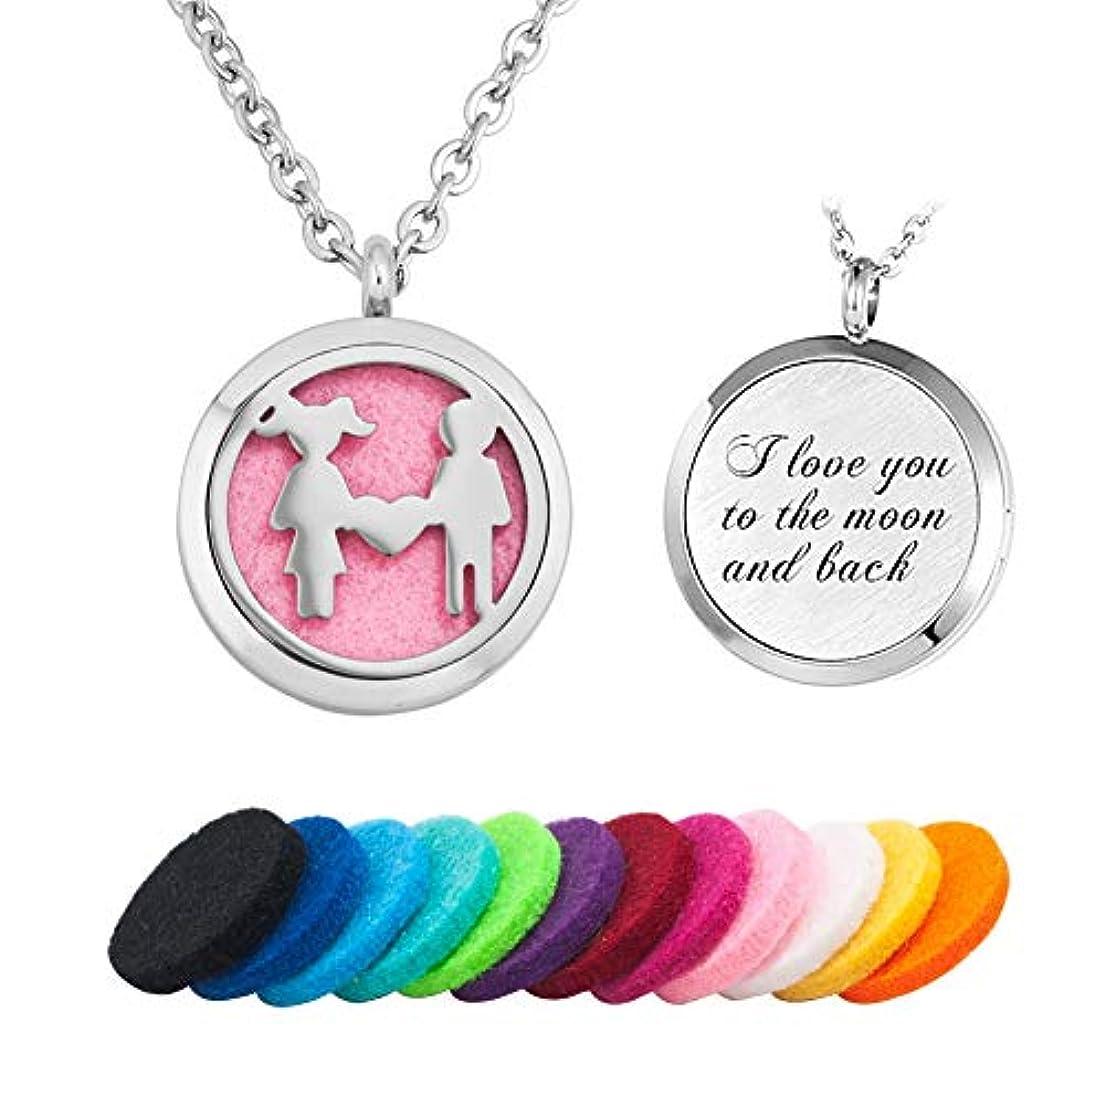 冷酷な瞳に関してMoonlight Collection 「I Love You for Always Son Daughter」ハートネックレス メッセージ入りエッセンシャルオイルディフューザーペンダントチェーン